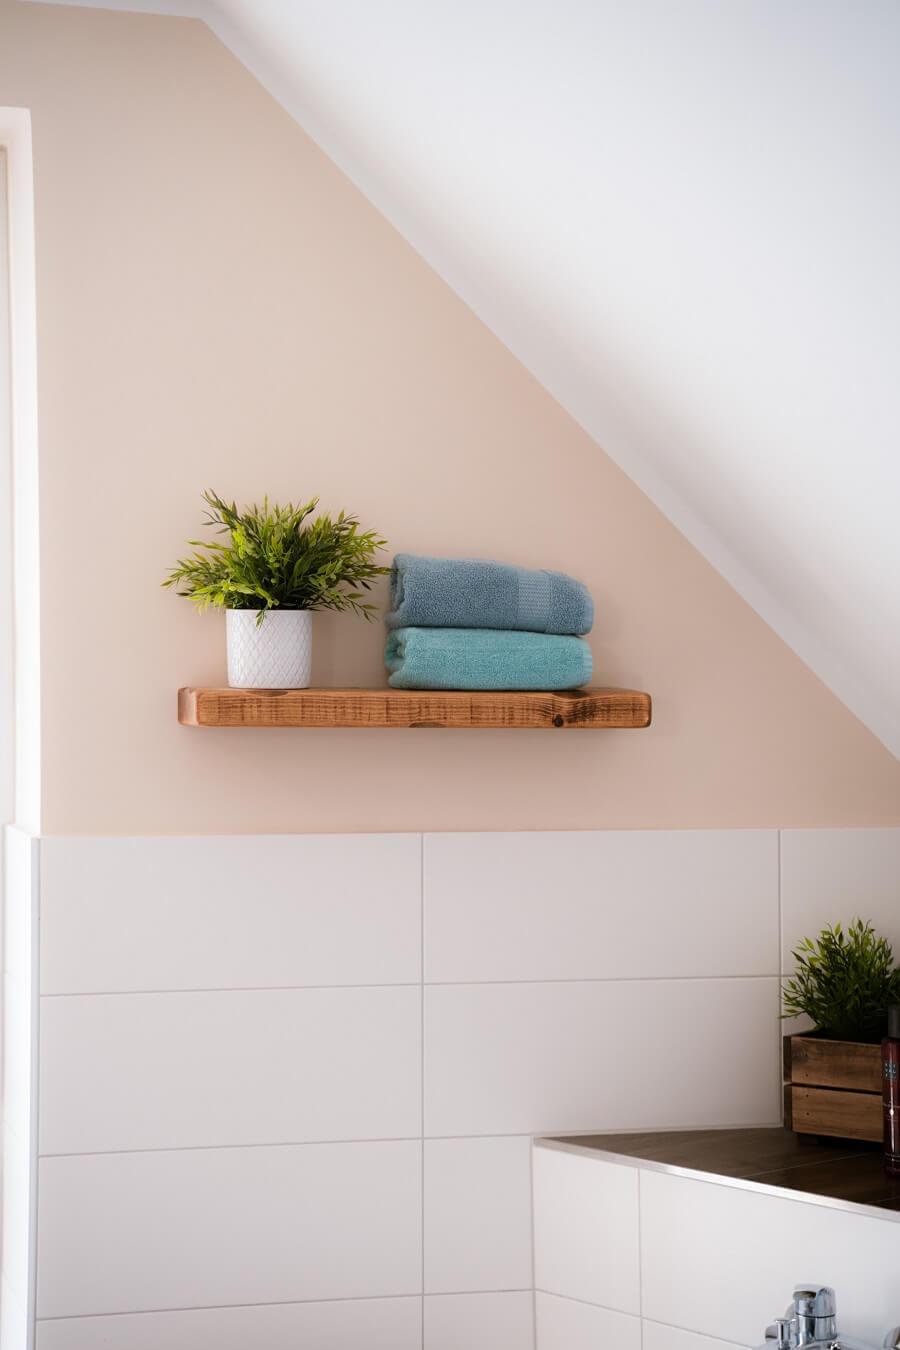 Wir haben an vielen Bereichen im Badezimmer nur halbhoch Fliesen lassen, weil wir es hübscher finden, mit Wandfarbe und Dekoelementen wie Regalen zu arbeiten